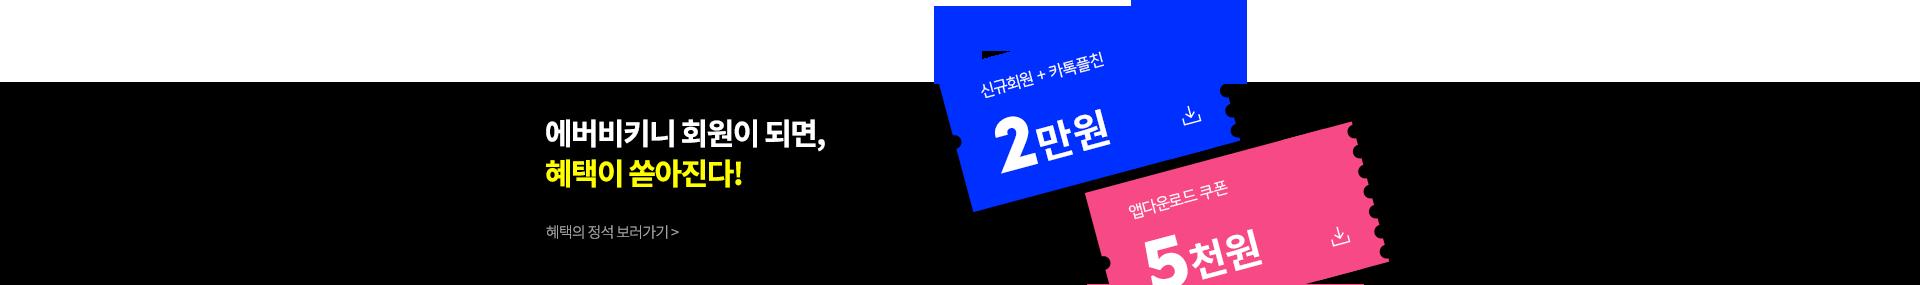 멤버십혜택